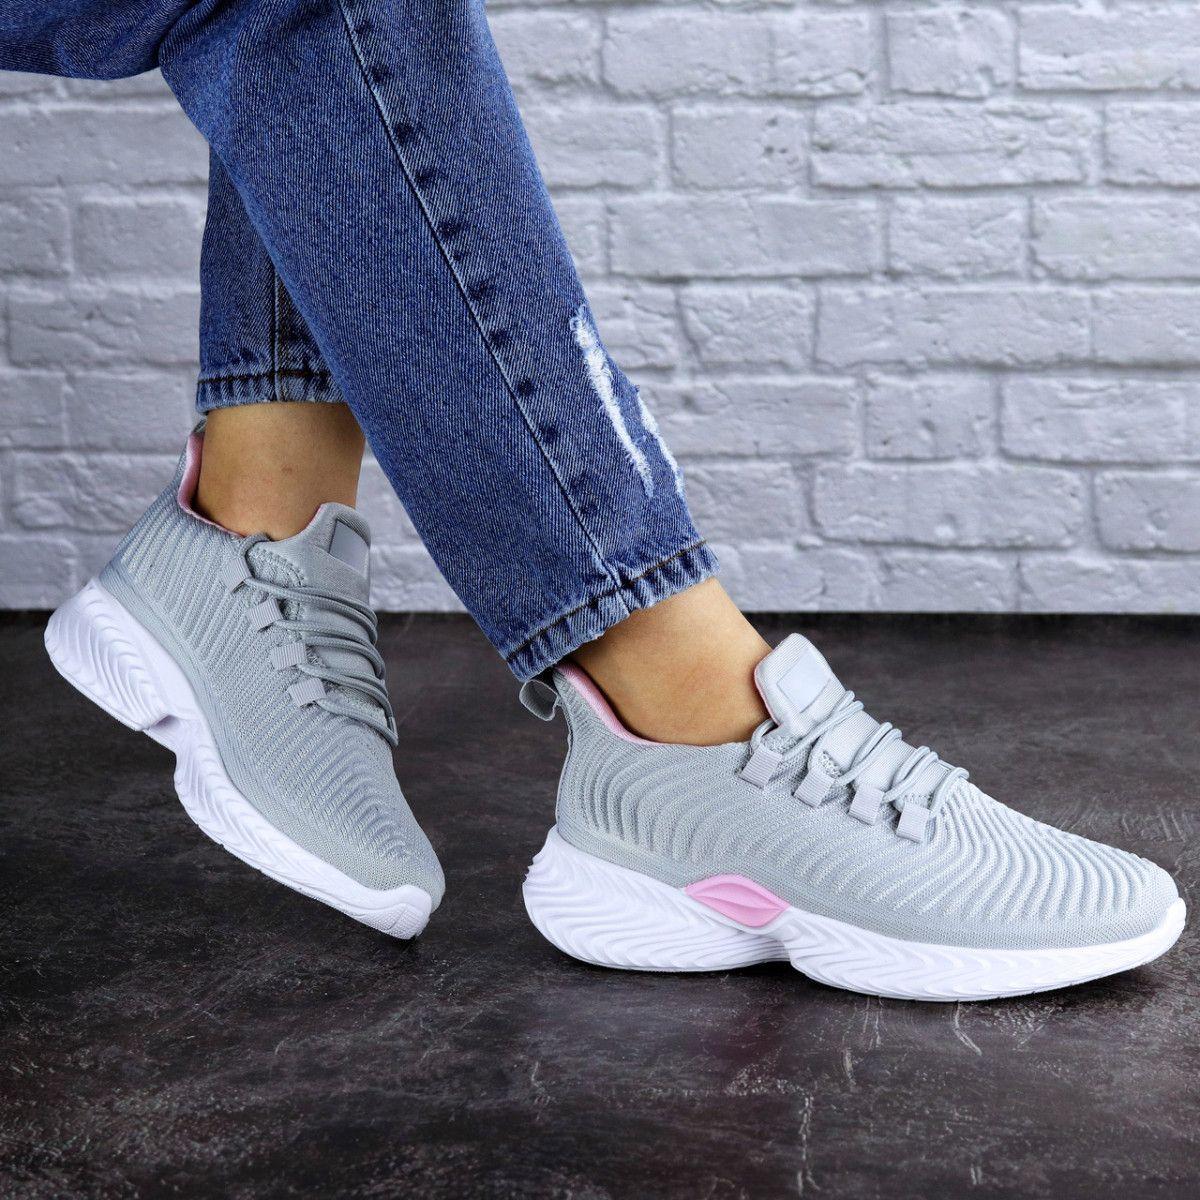 Женские кроссовки Fashion Ripple 1730 40 размер 25,5 см Серый Размер 40 - 25,5 см